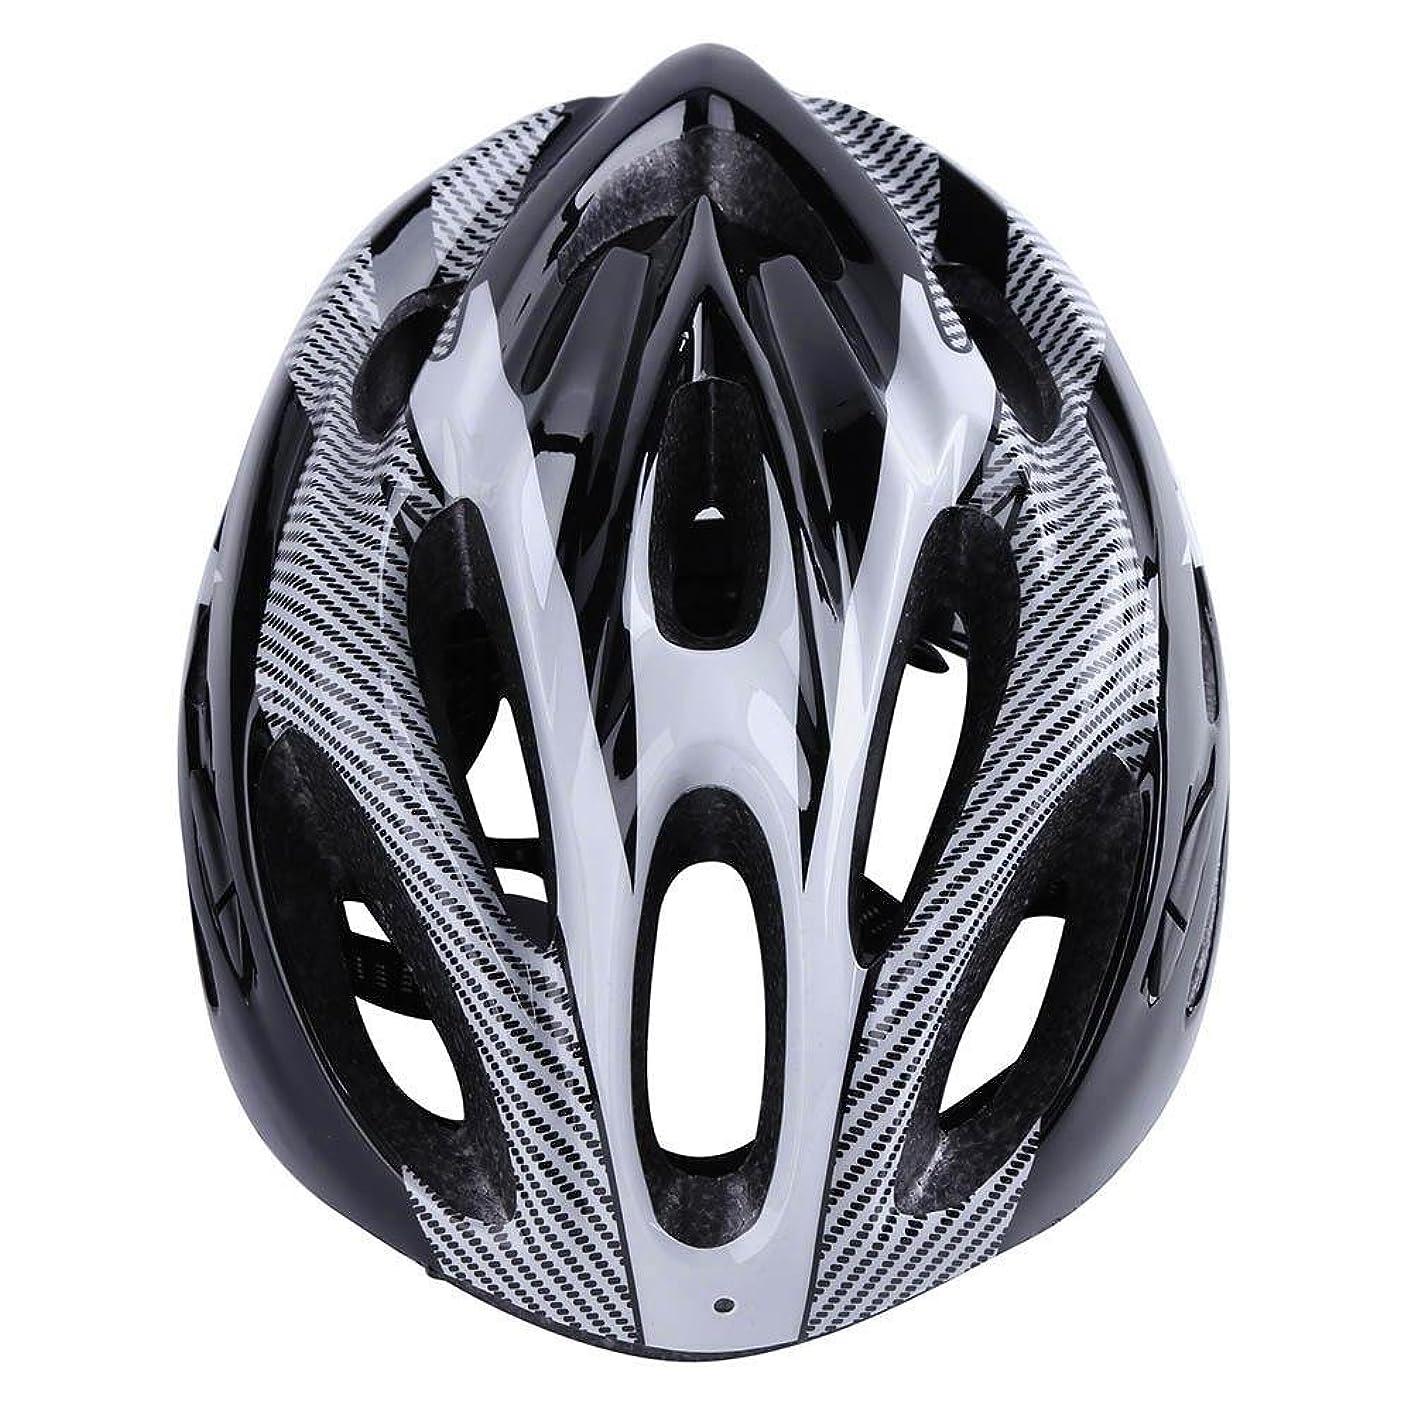 リア王鮫大工K-outdoor ライディングヘルメット 自転車ヘルメット マウンテンバイクヘルメット スポーツプロテクター